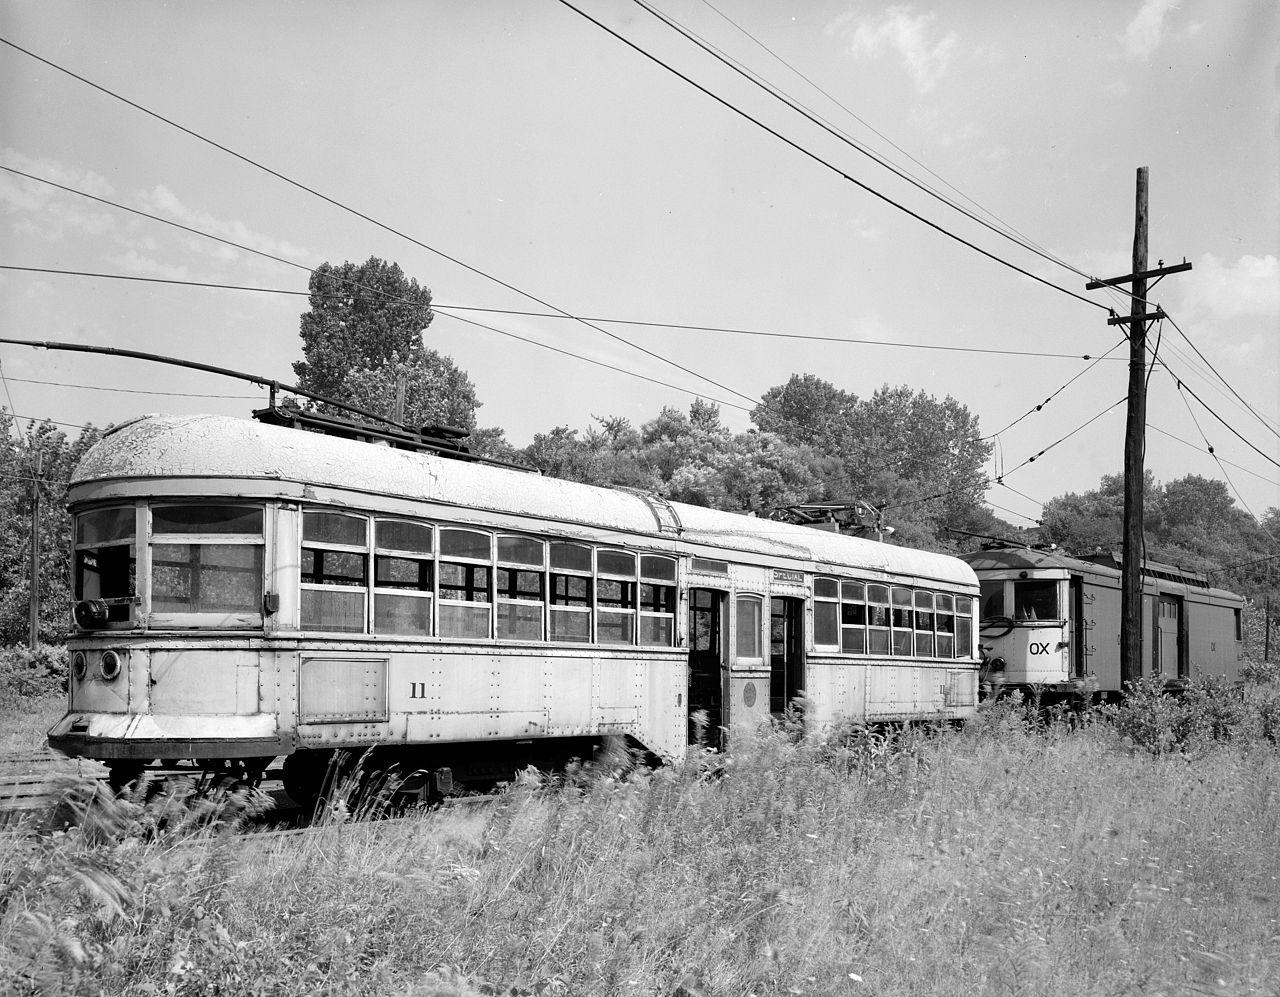 Trolley Car: File:Old Trolley Cars.jpg